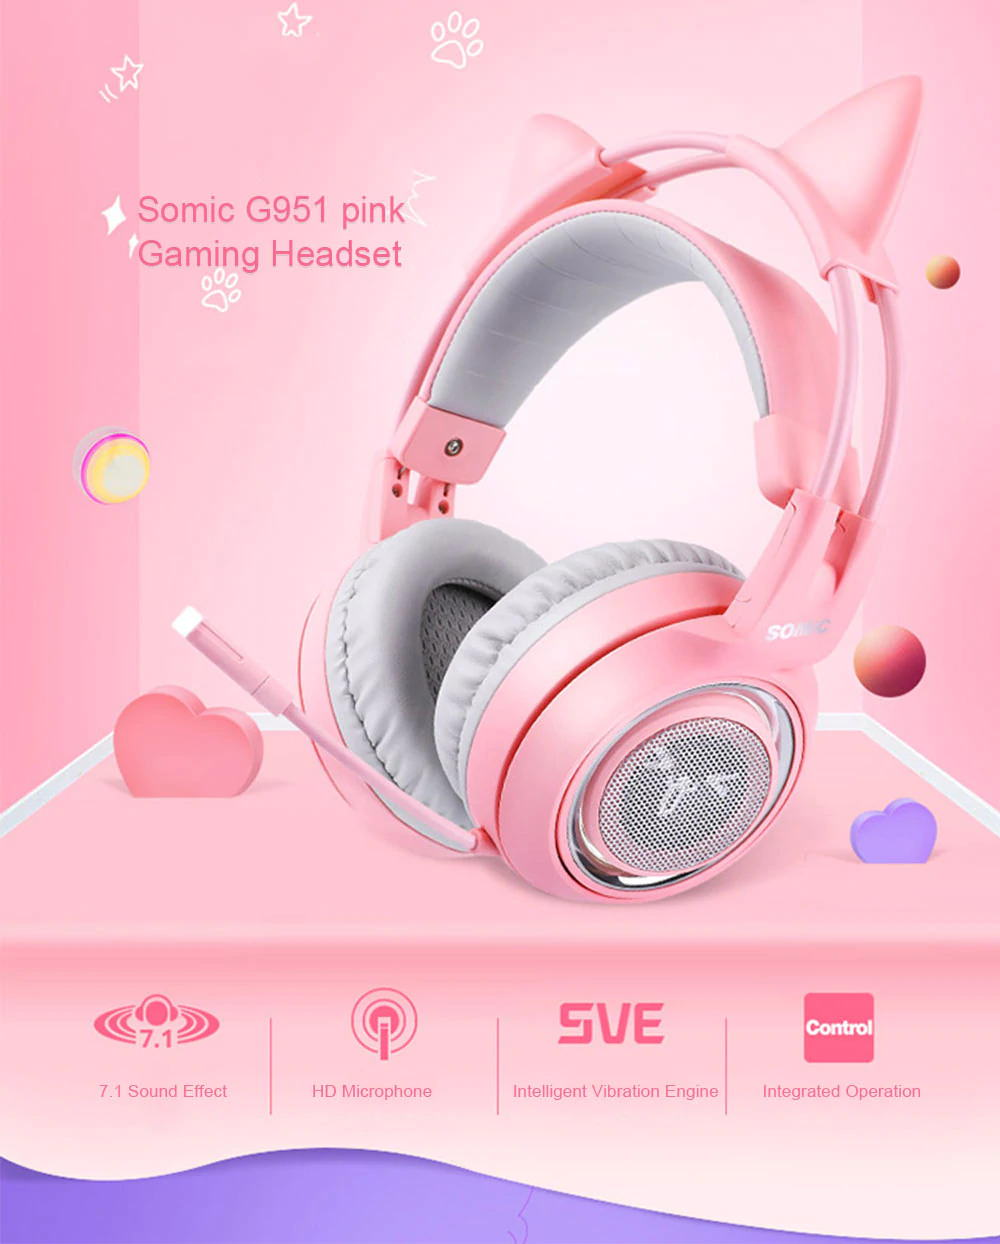 somic g951 gaming headset